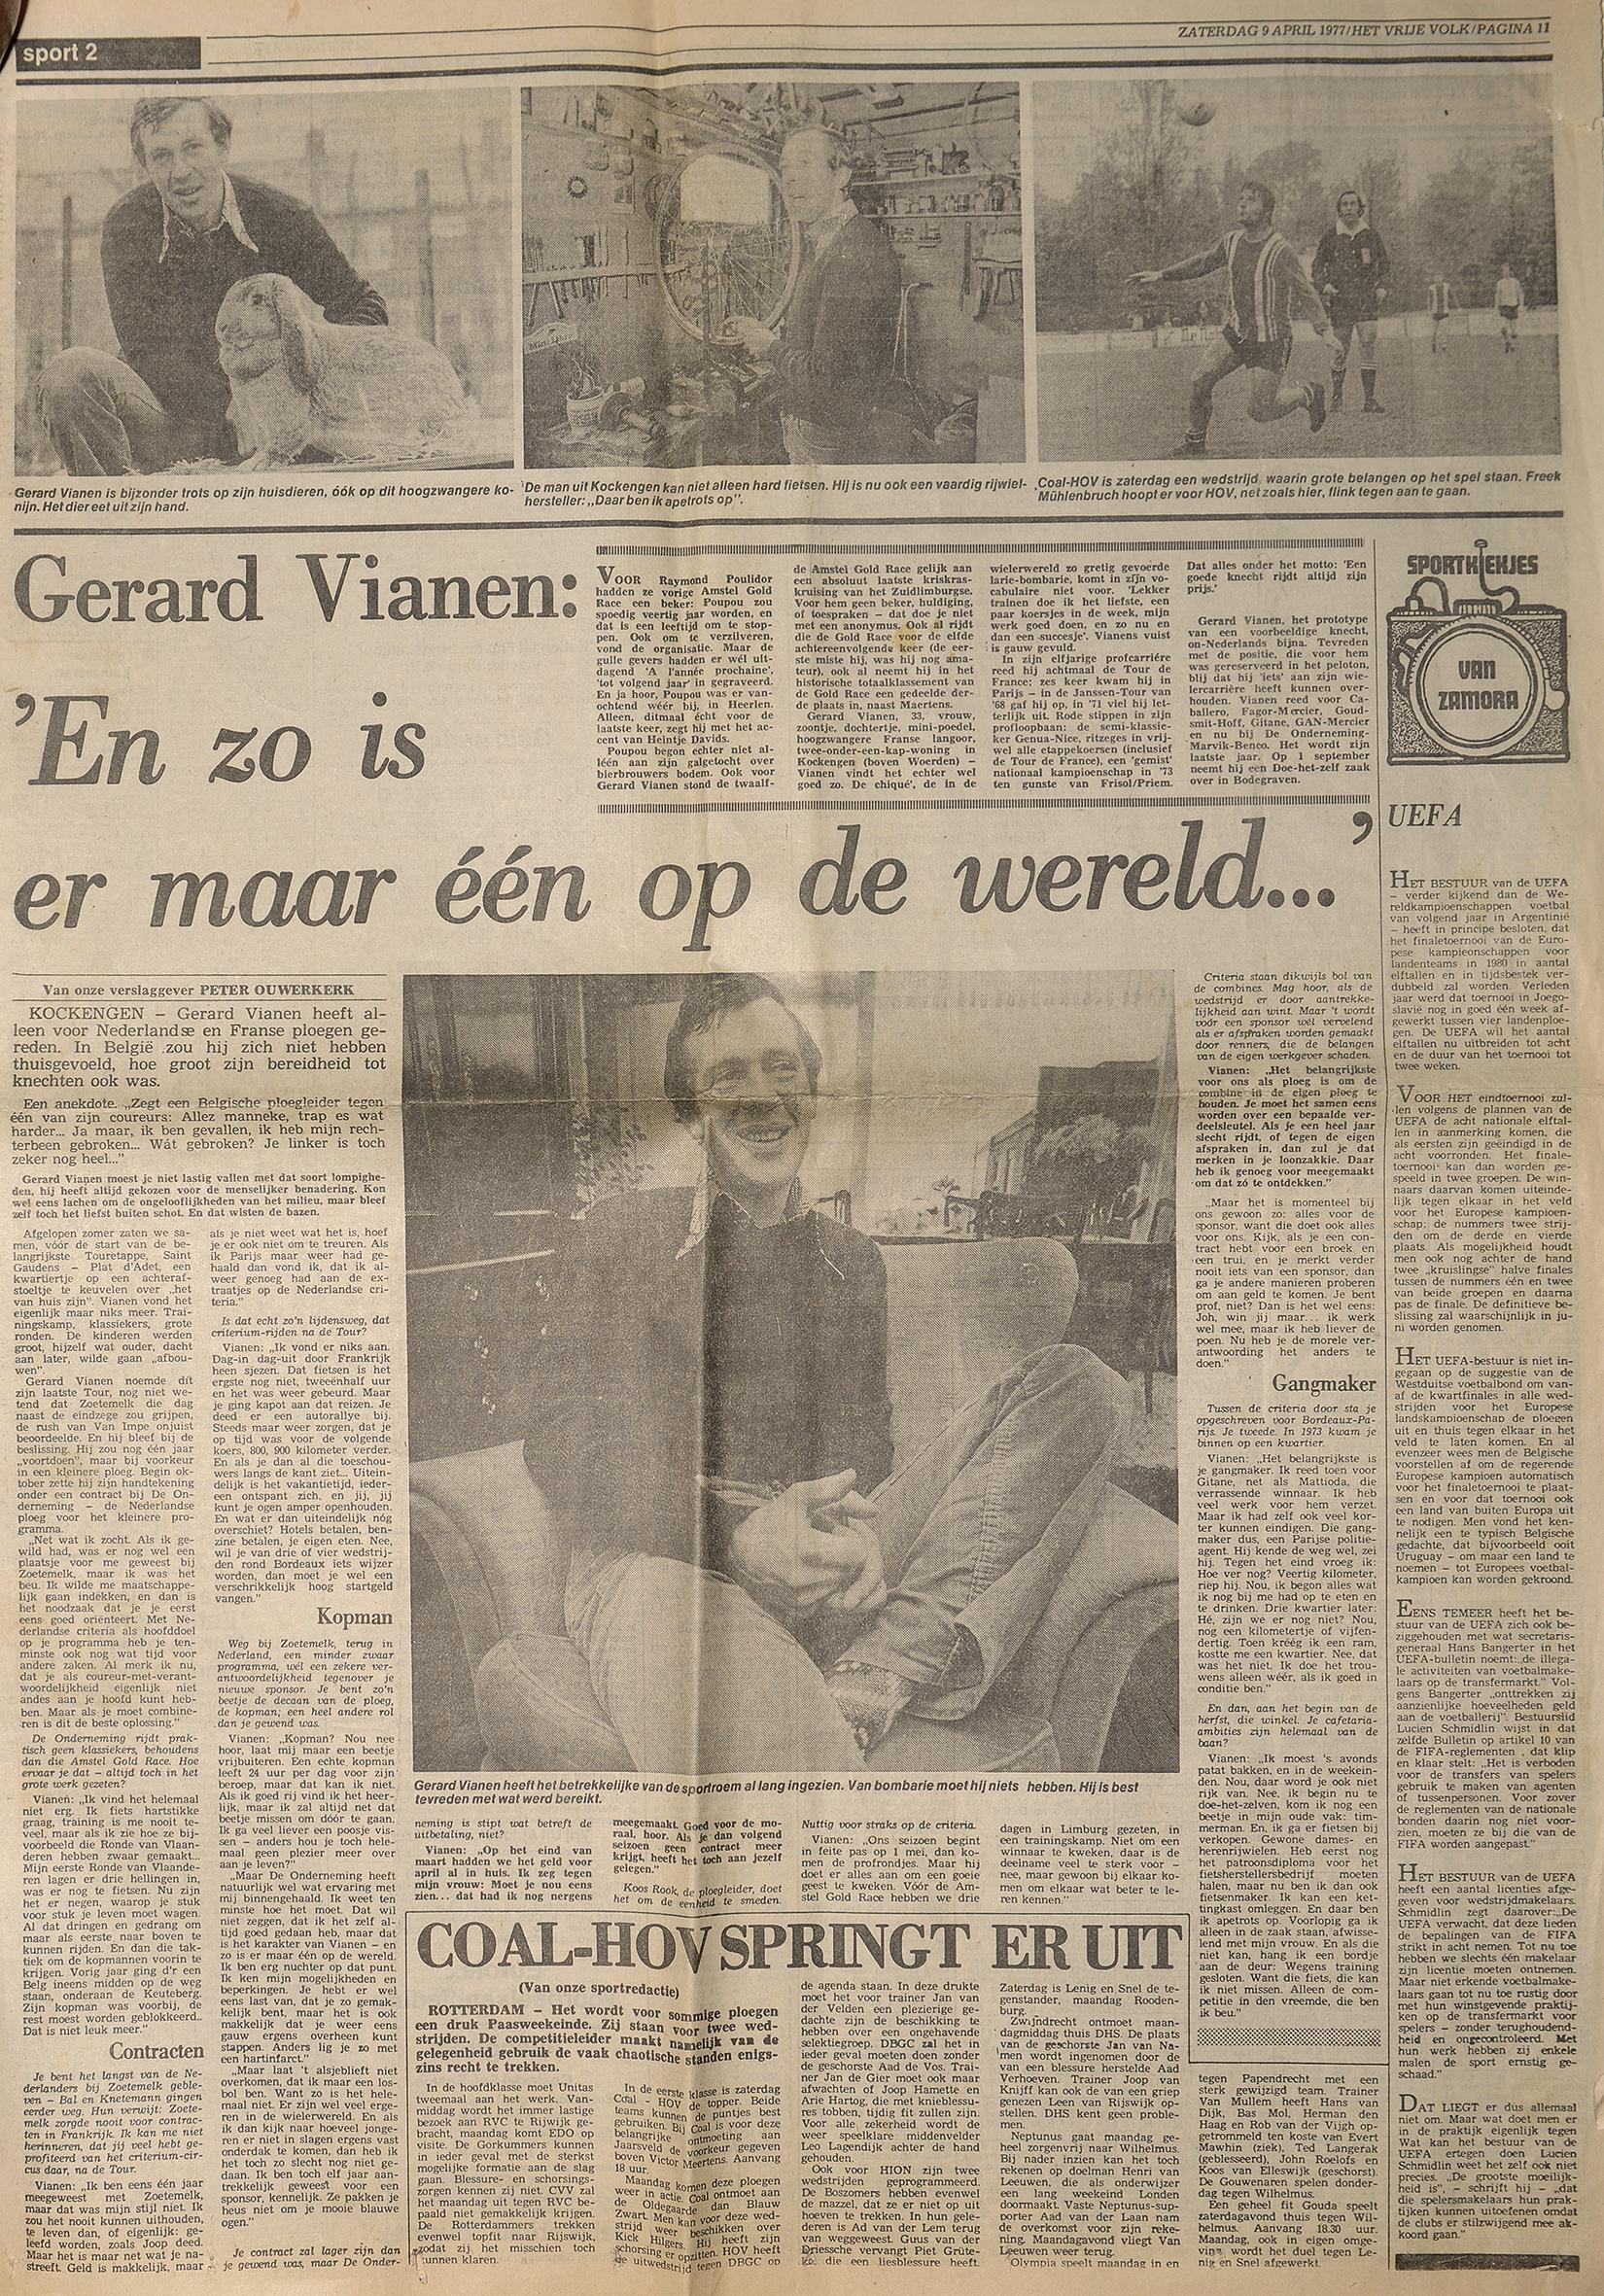 GV_Vianen bereikt ideaal 09-04-77